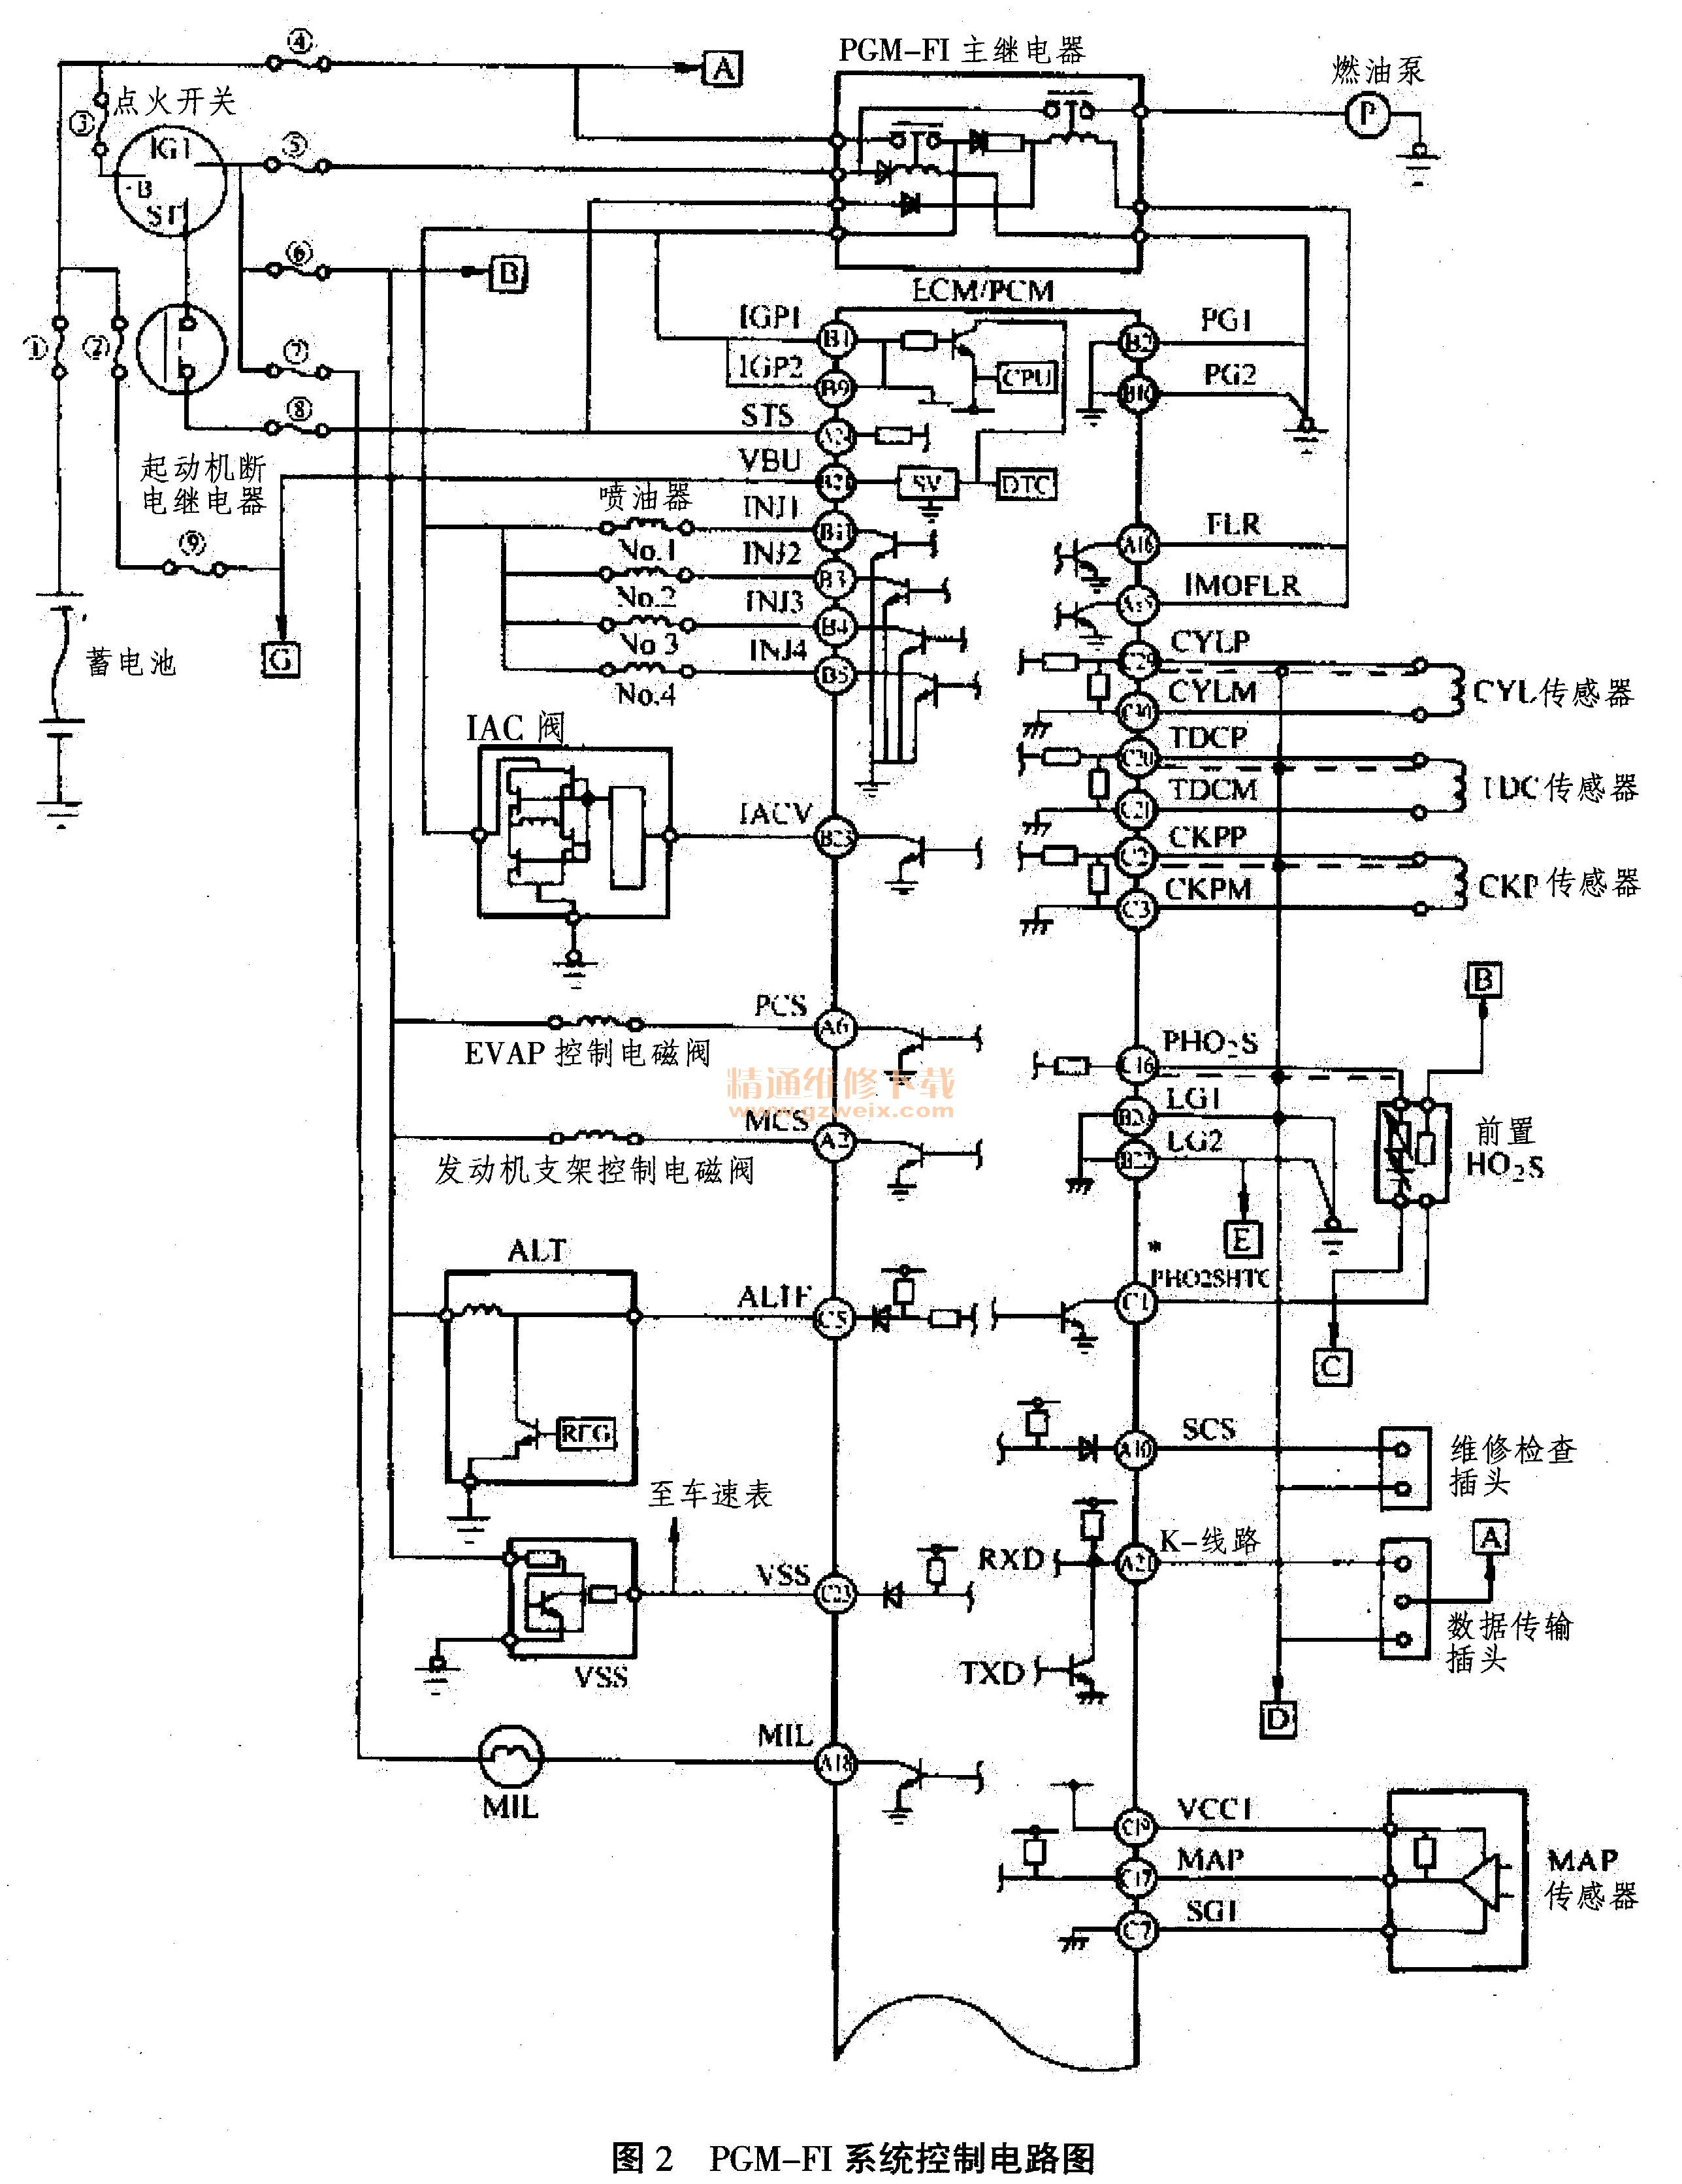 三、本田实验台的故障设置与诊断 (一)本田雅阁轿车PGM-Fl系统控制电路 广州本田雅阁轿车F23 -A 1发动机PGM -Fl系统控制电路如图2、图3、图4所示。    (二)ECM/PCM连接端子的故障设置与检测 通过故障开关设置故障,在读取ECM/PCM系统故障码后,一般需要通过检测ECM/PCM插头处的电压或电阻值以进一步查明具体的故障部位。检测时,先拆卸ECM/PCM,然后使用数字式万用表进行检测。 1.从中央控制台的前乘客席侧拉开车垫,露出ECM/PCM。 2.拧出ECM/PCM盖板上的2个固